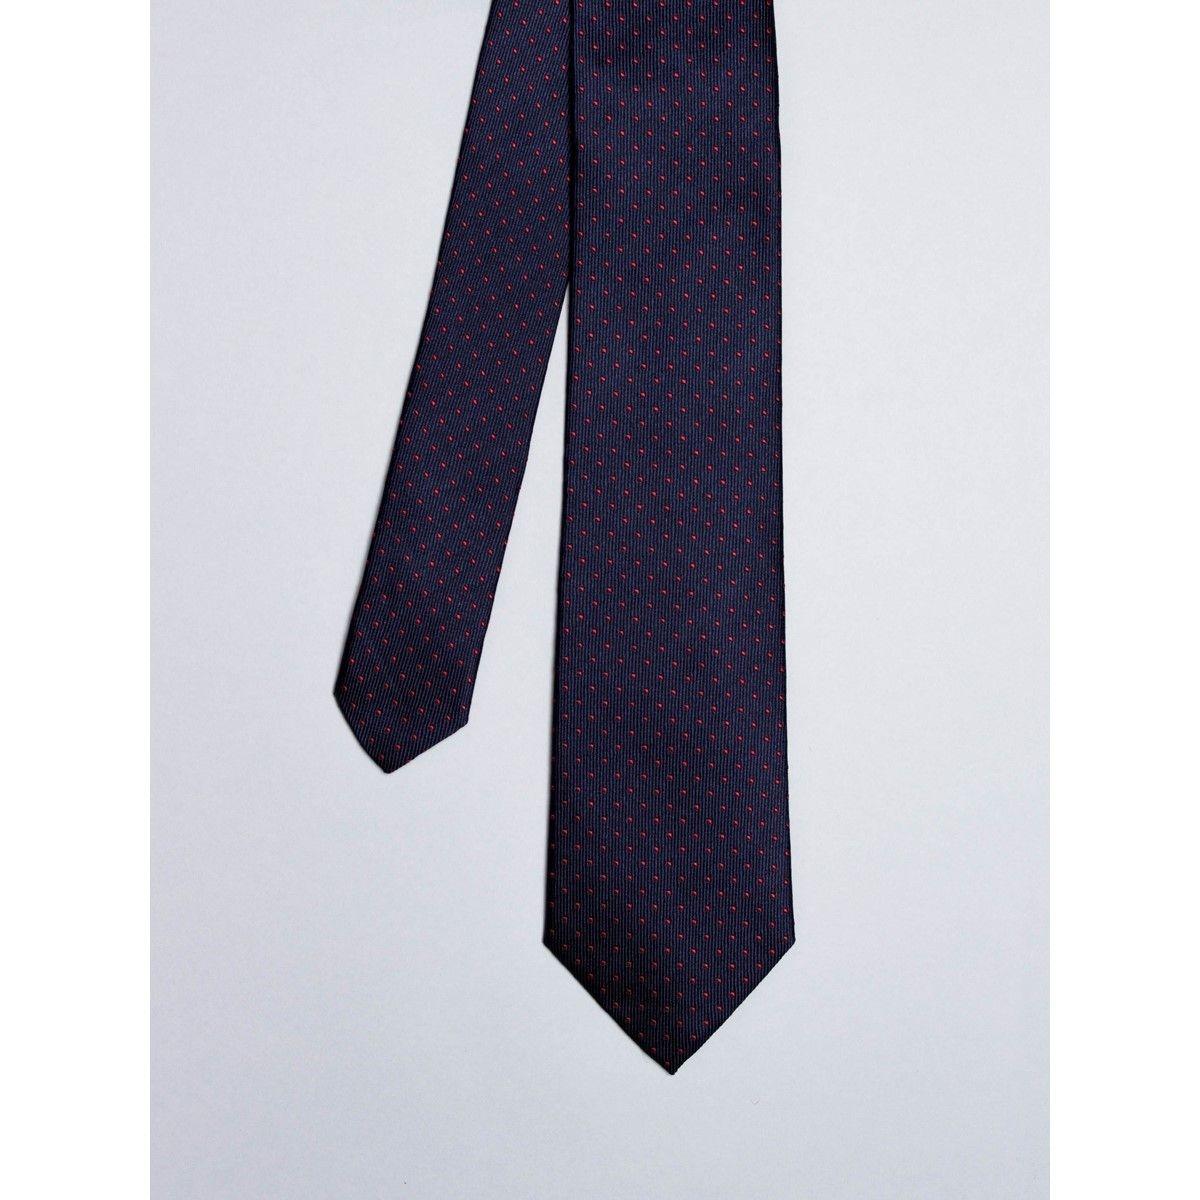 Cravate bleu marine avec micro pois rouges